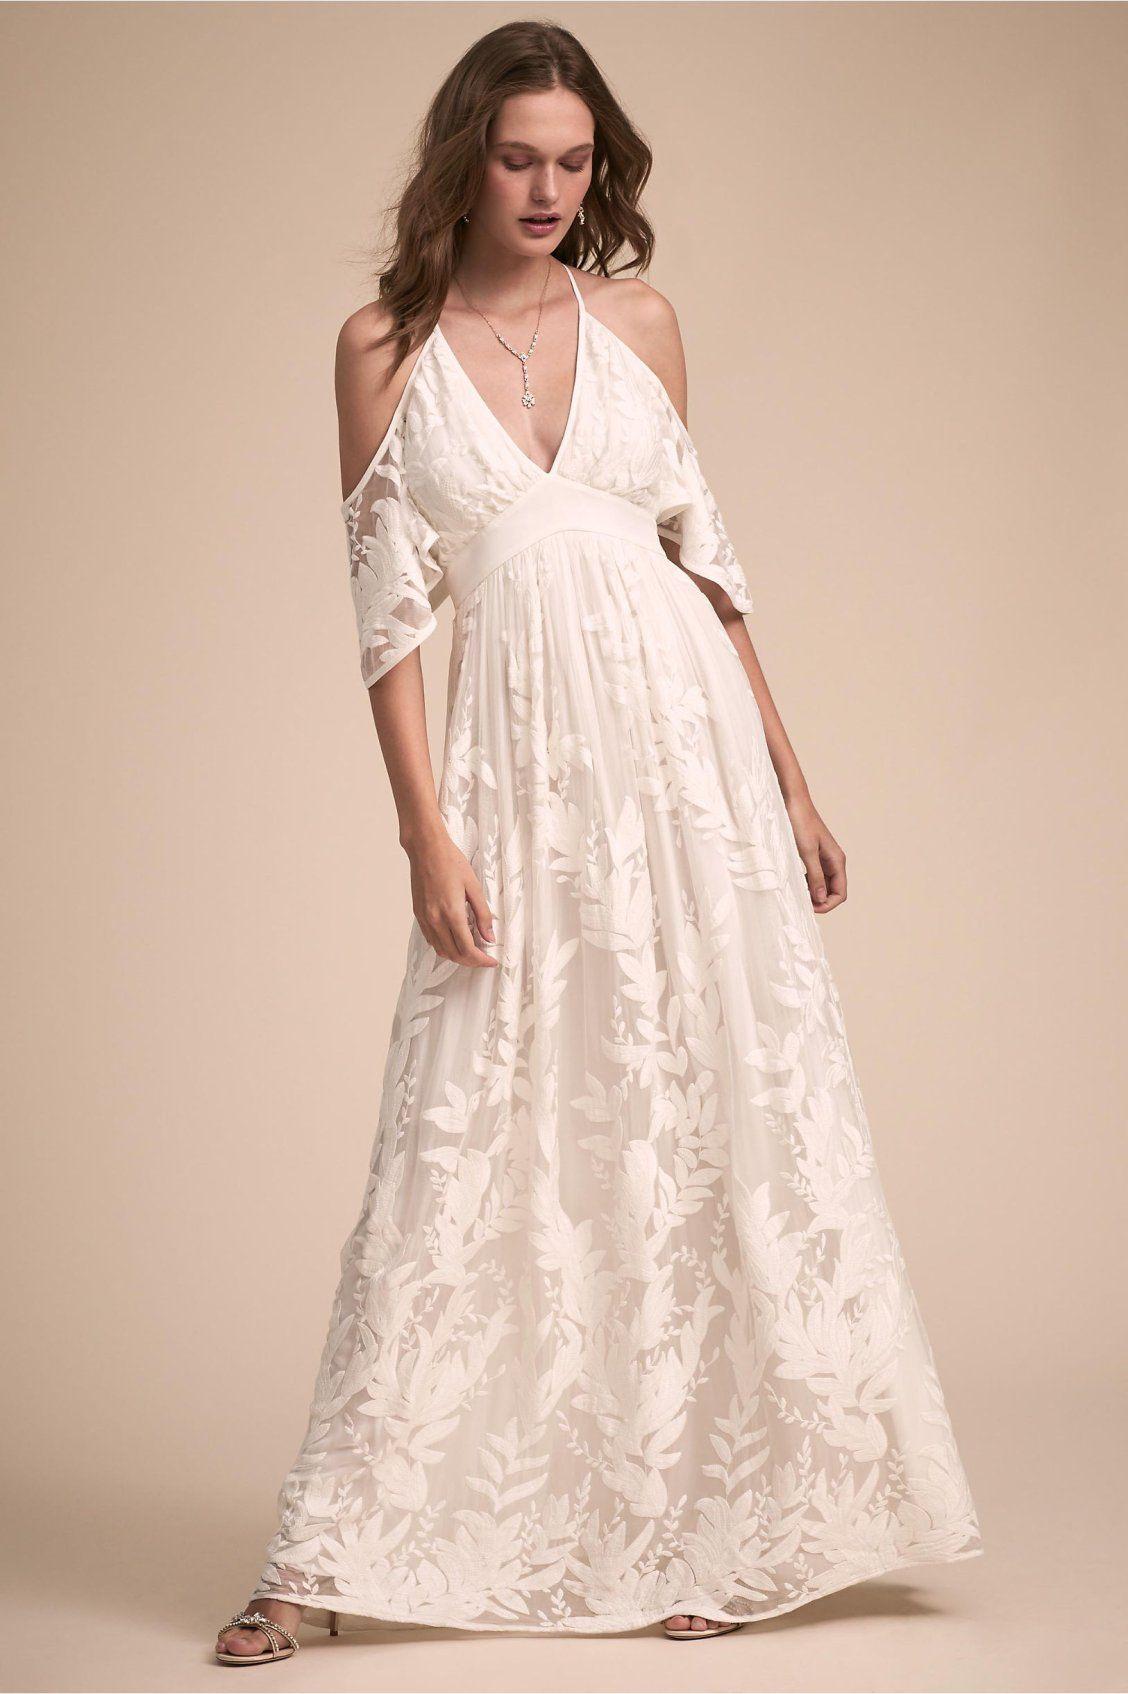 Wylie Dress From Bhldn Beach Weddings Wedding Dresses Wedding